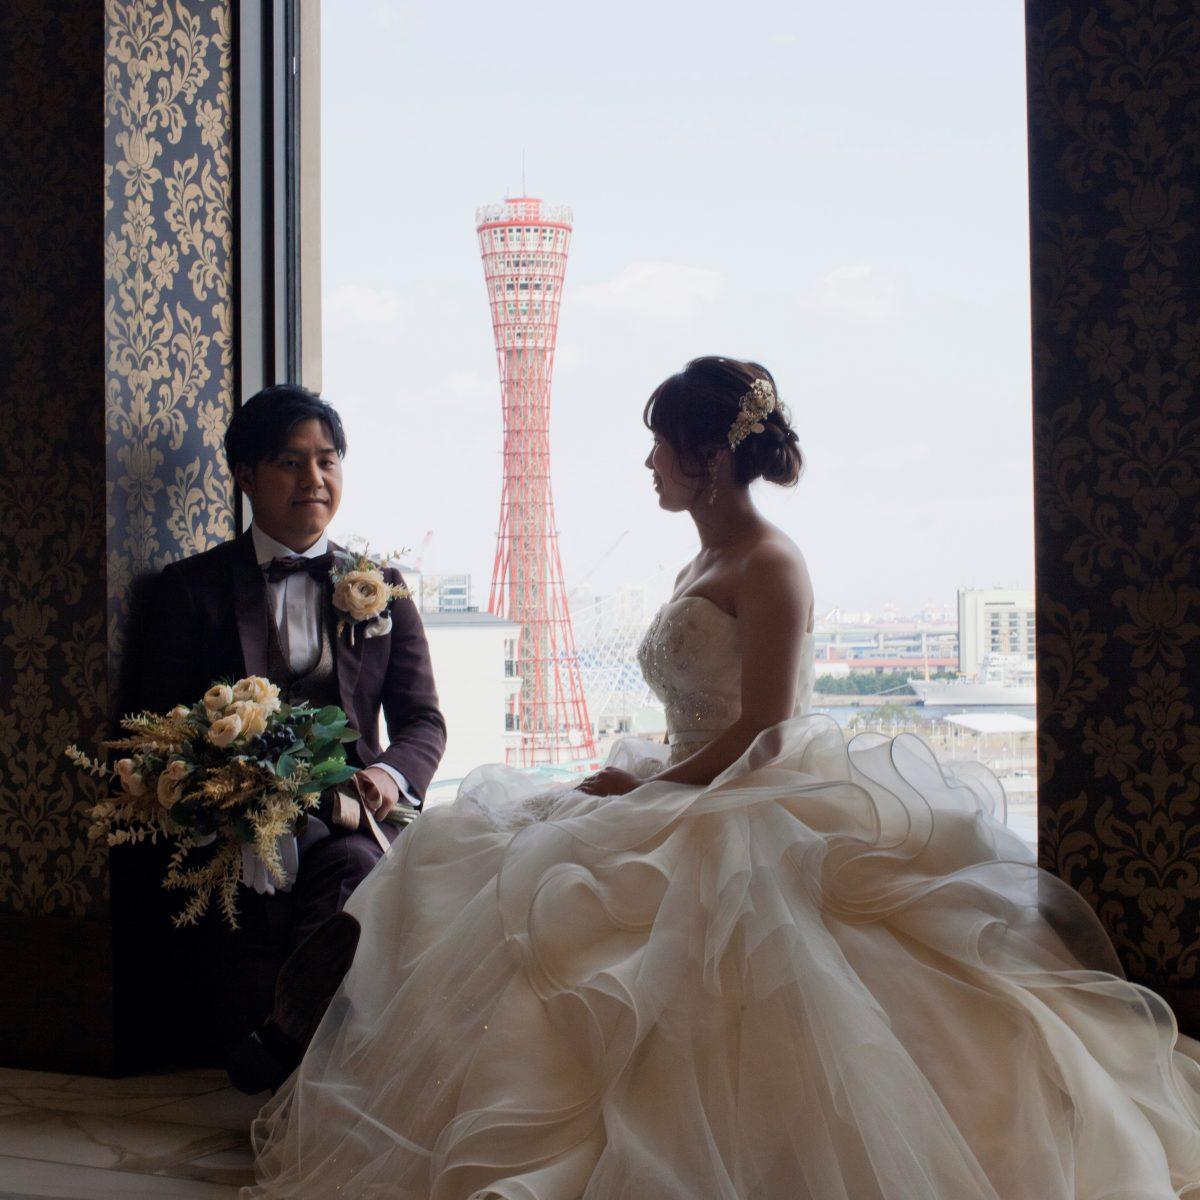 エスタシオン・デ・神戸でポートタワーと撮るウェディングフォト